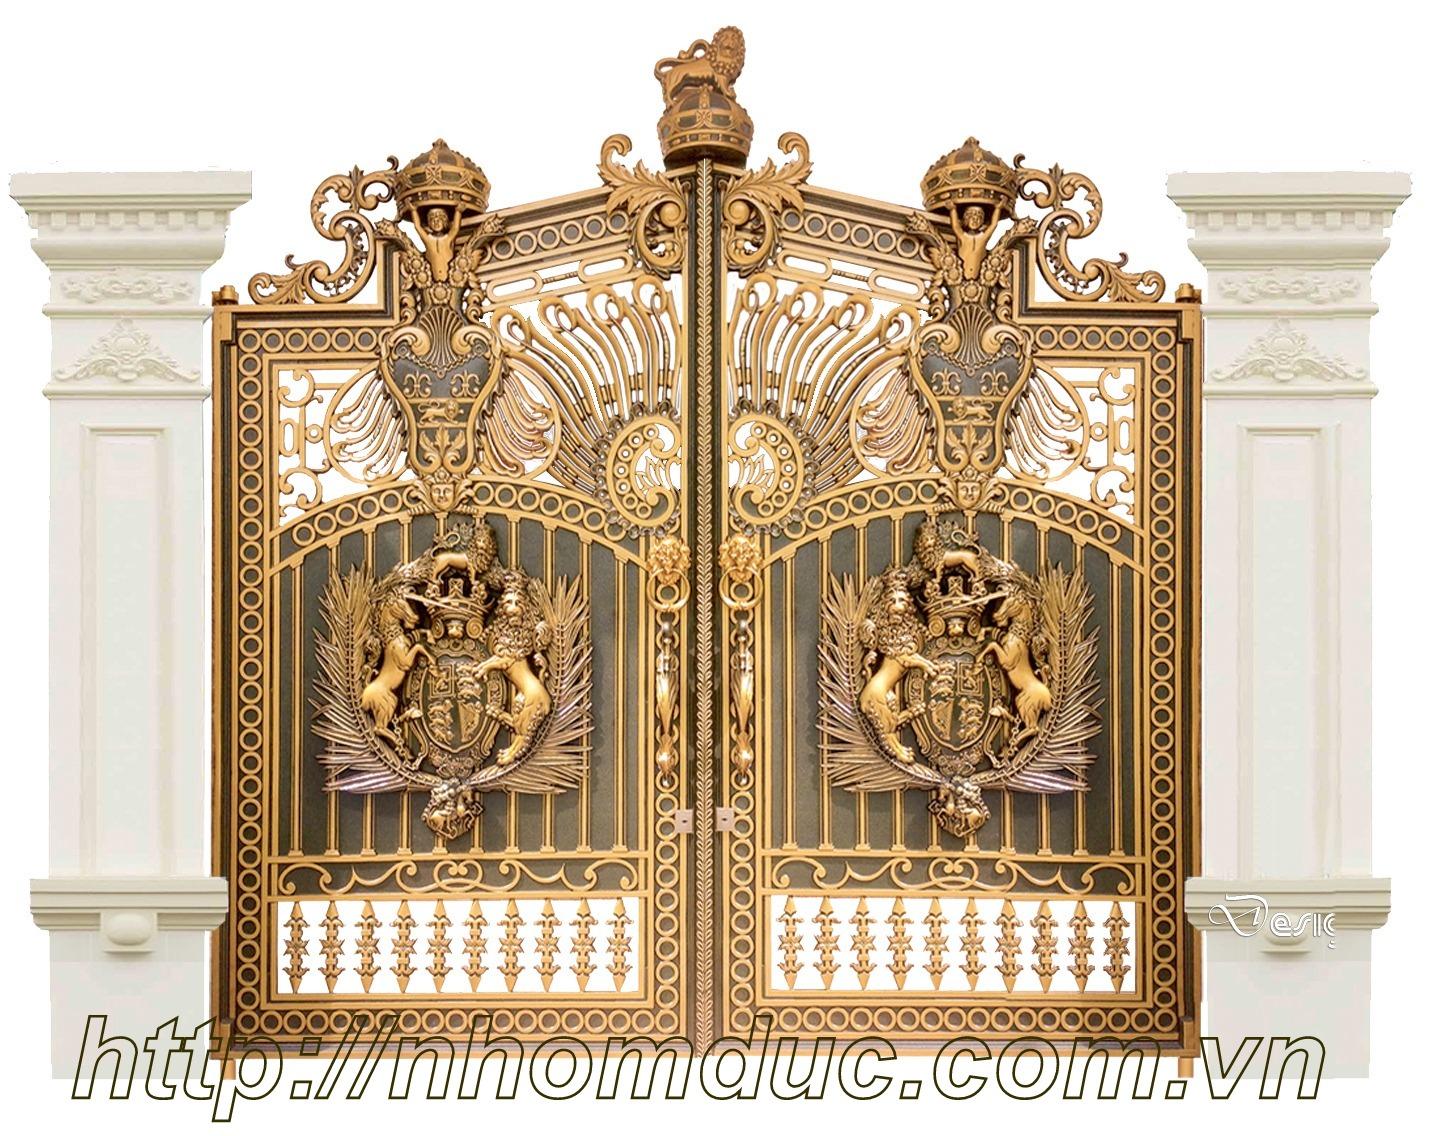 Giá cổng nhôm đúc tại hải phòng, báo giá cổng nhôm đúc, báo giá cửa nhôm đúc. Các sản phẩm hàng rào, lan can, cầu thang, bông gió nhôm đúc, bàn ghế .